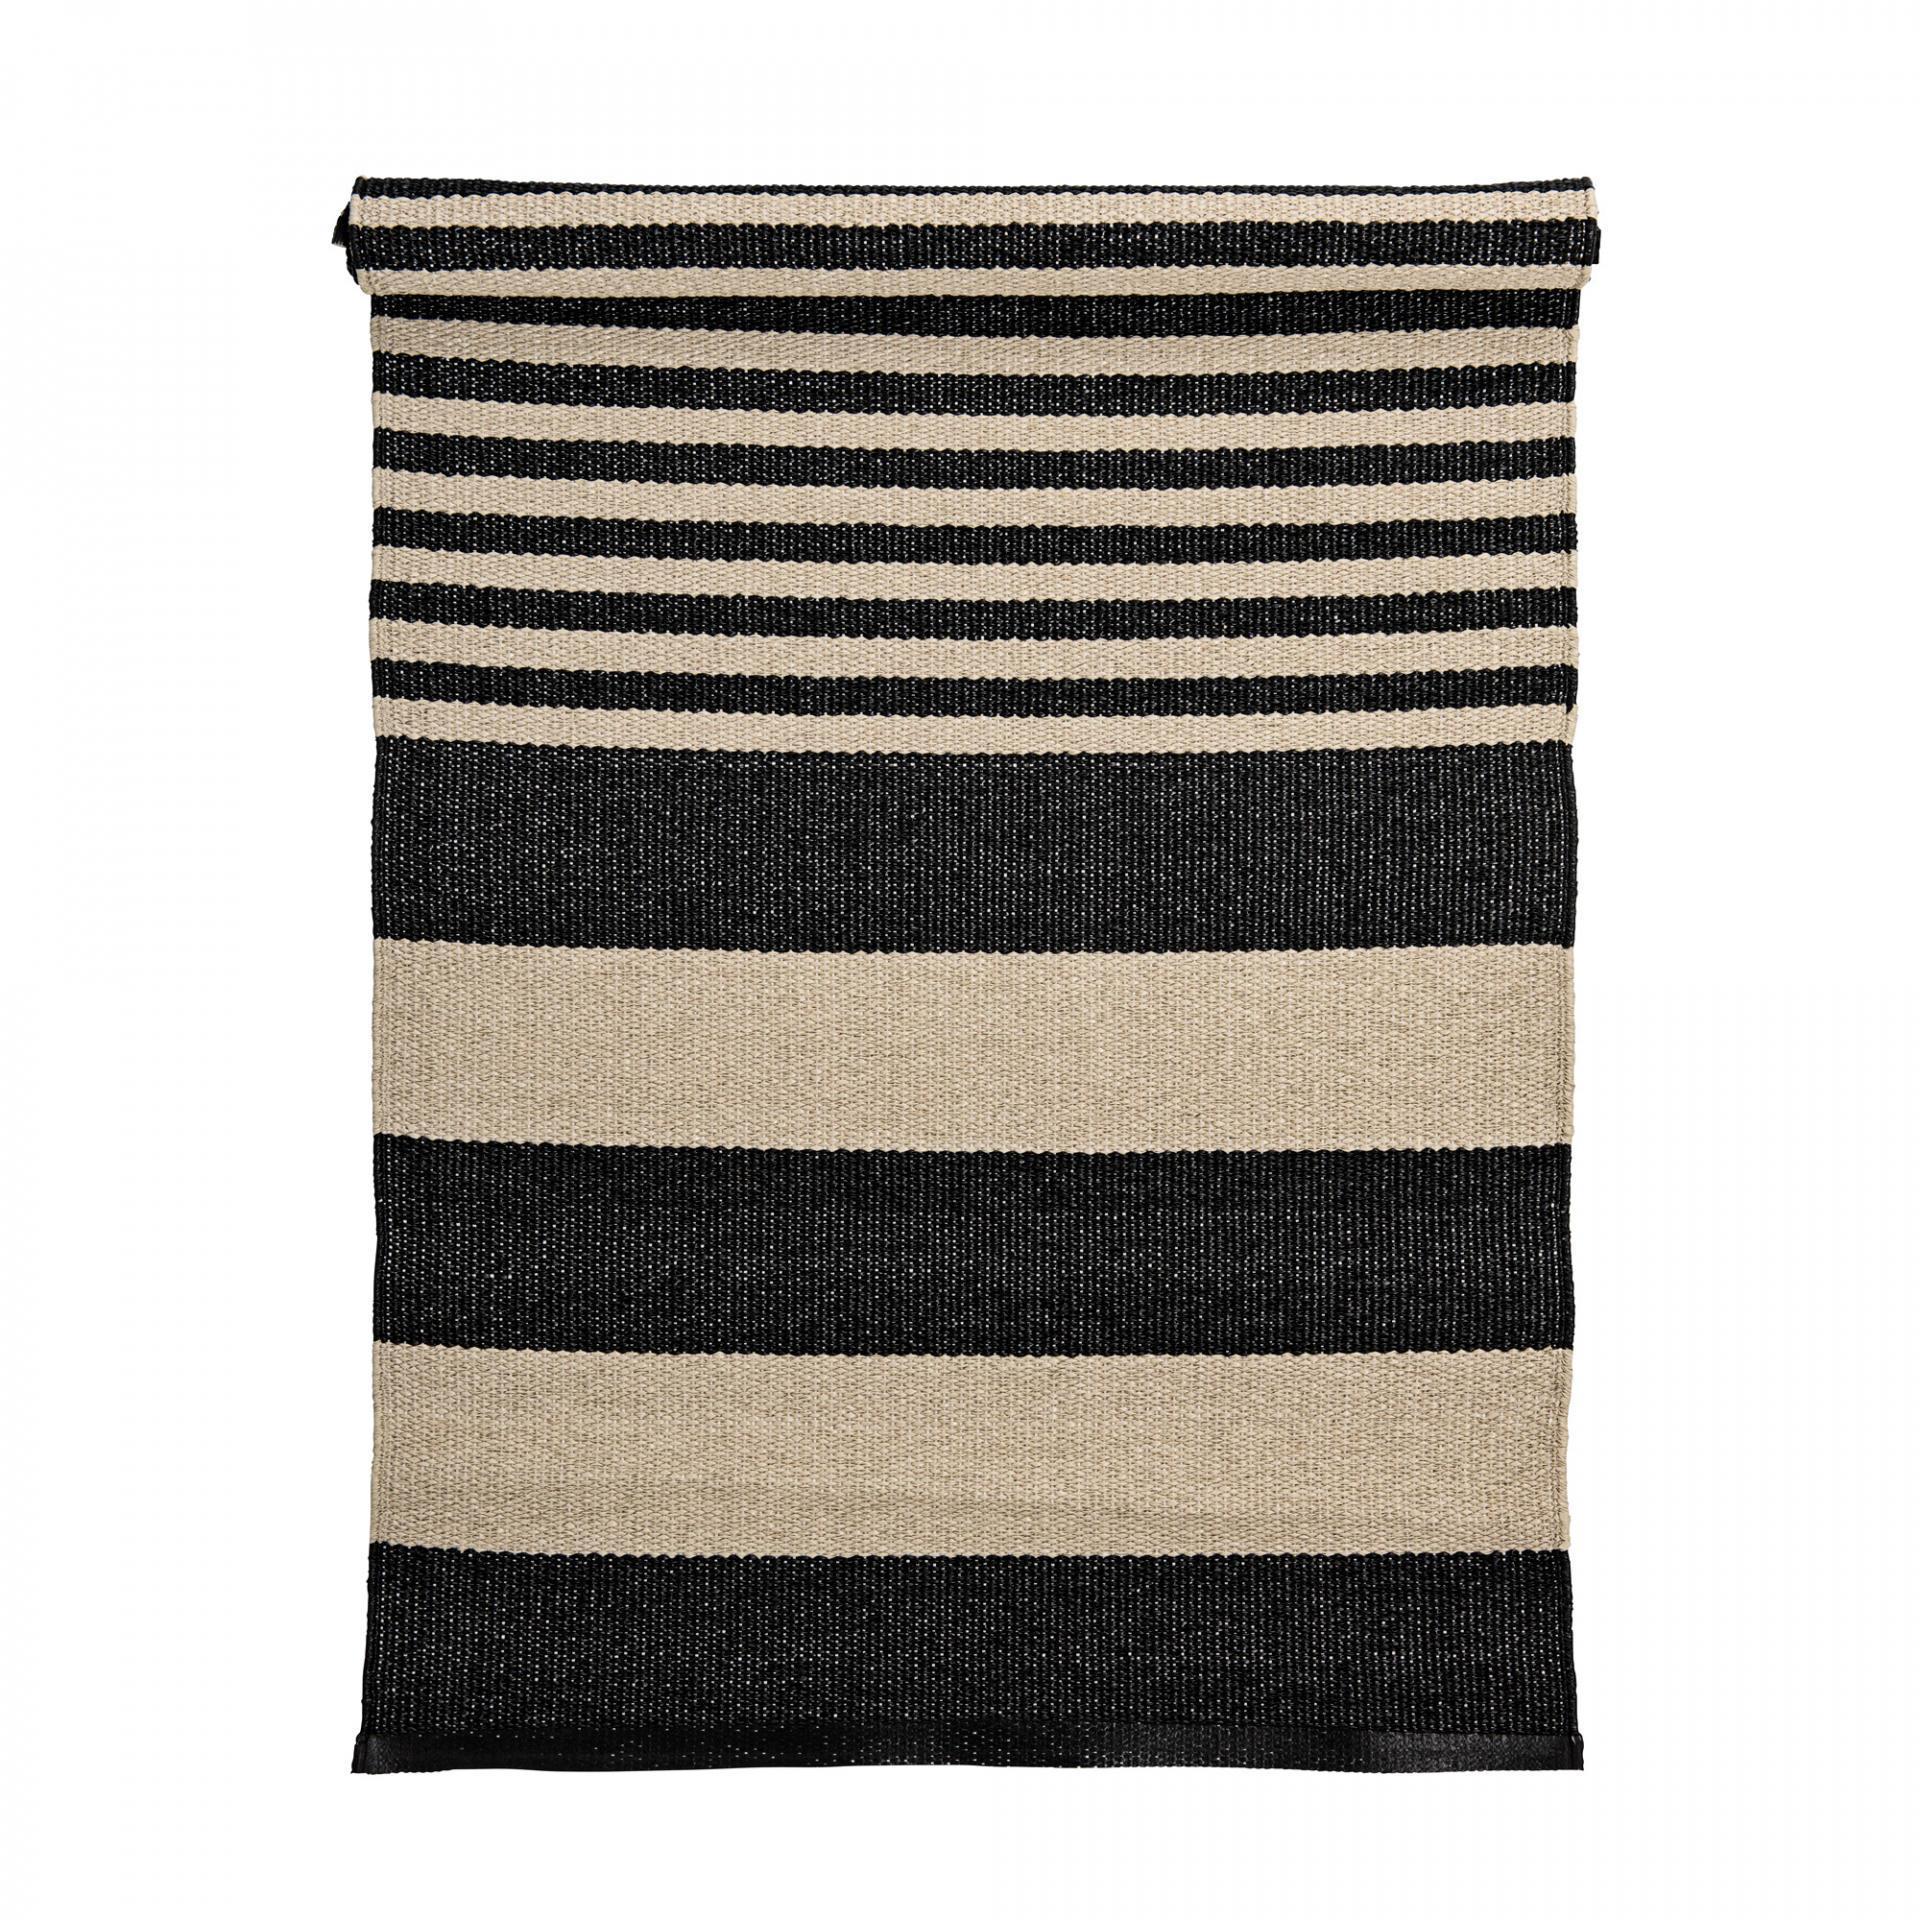 Bloomingville Venkovní koberec z umělé hmoty Kit/Black, béžová barva, černá barva, plast Černá